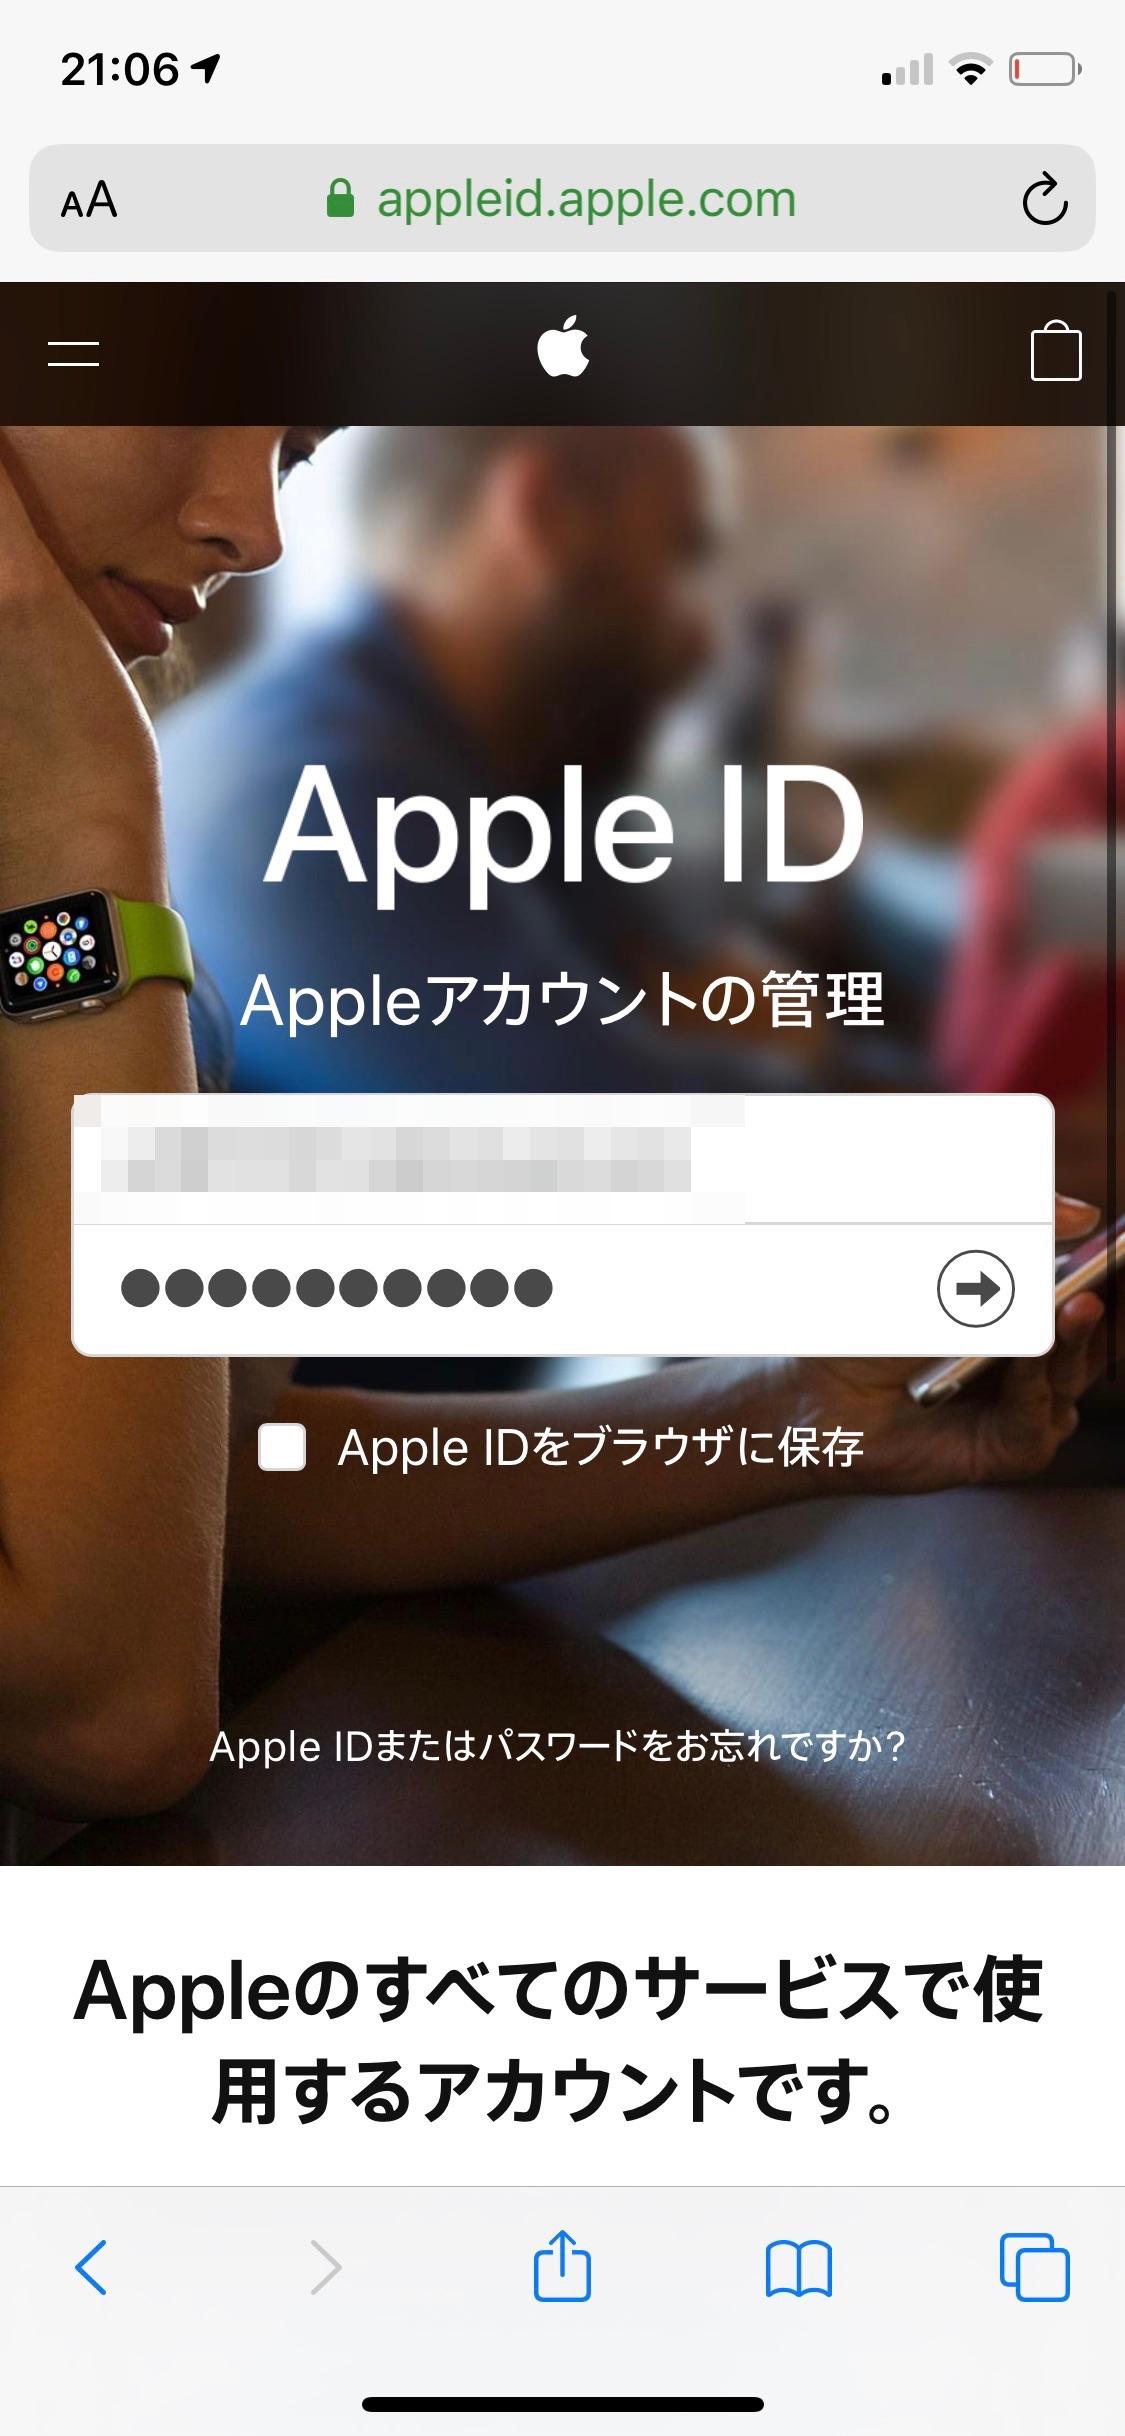 AppleID ログインページ